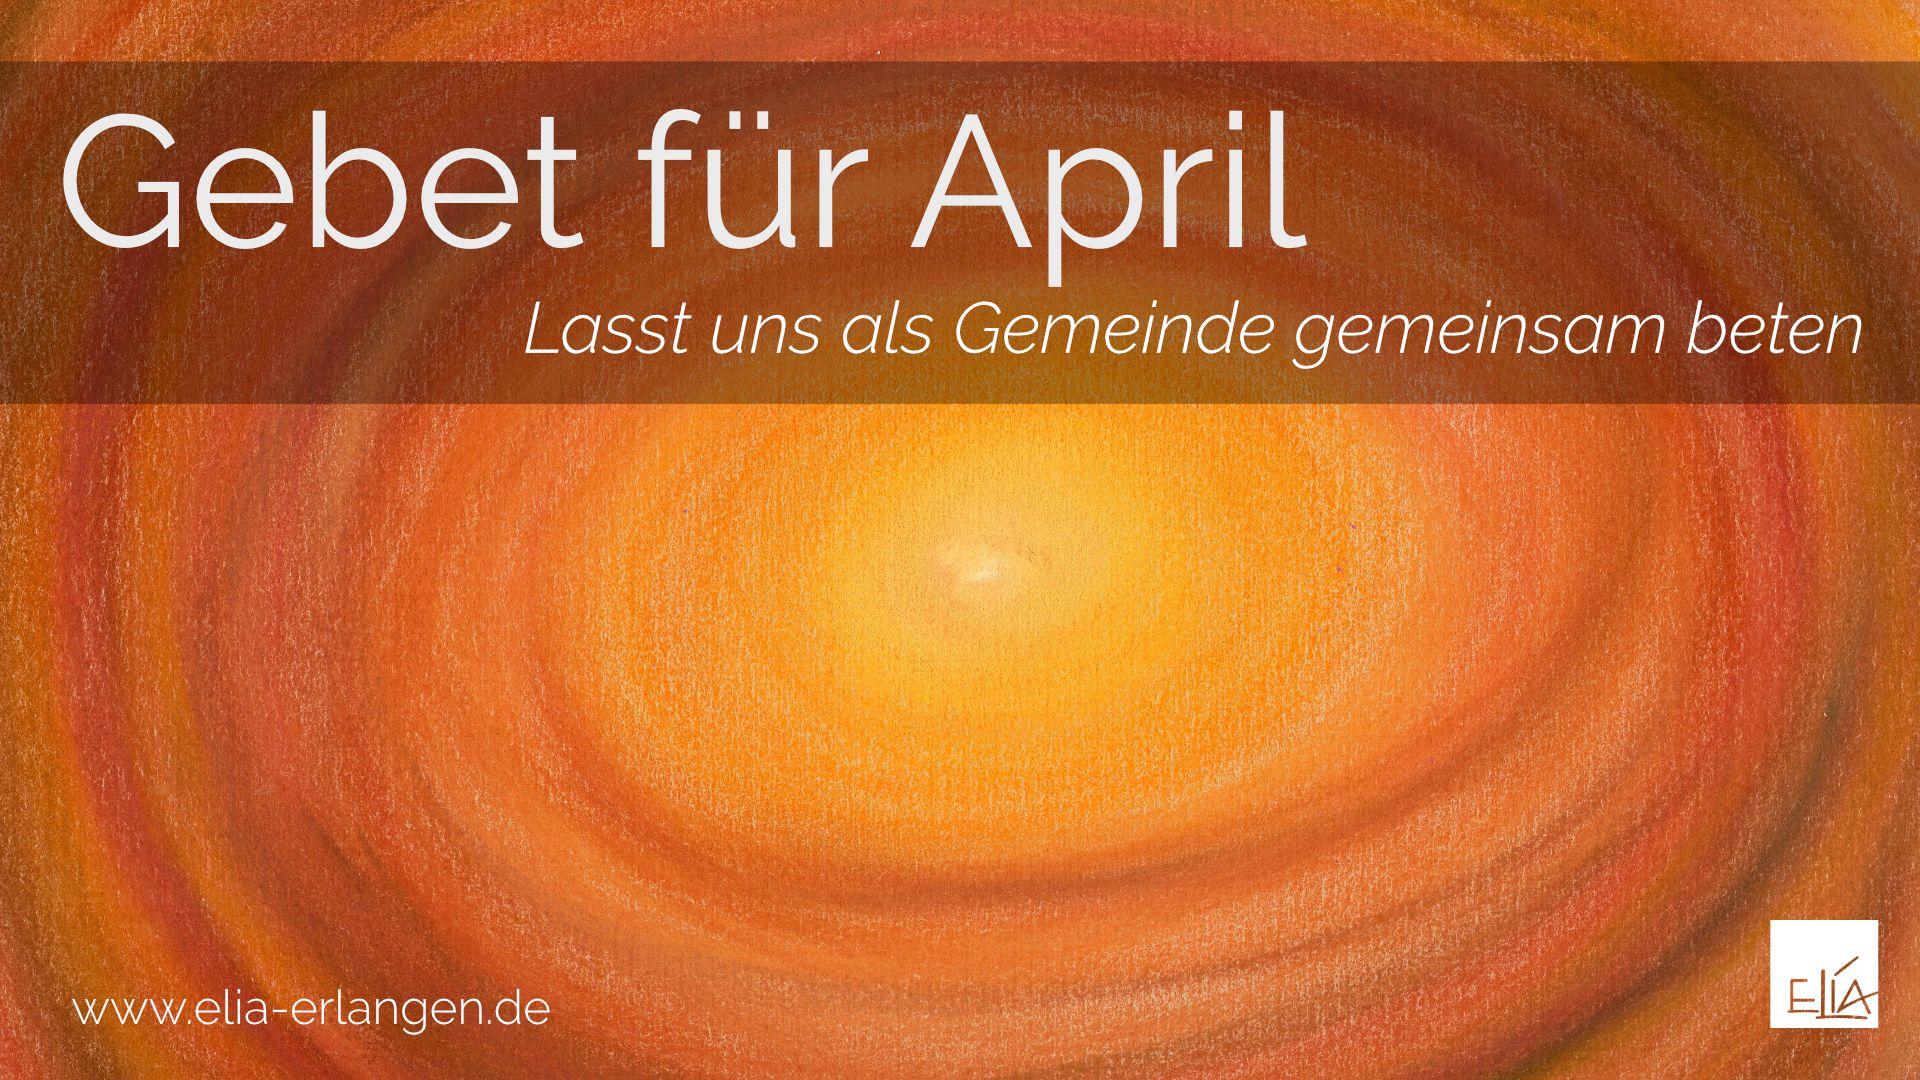 Gebet für April